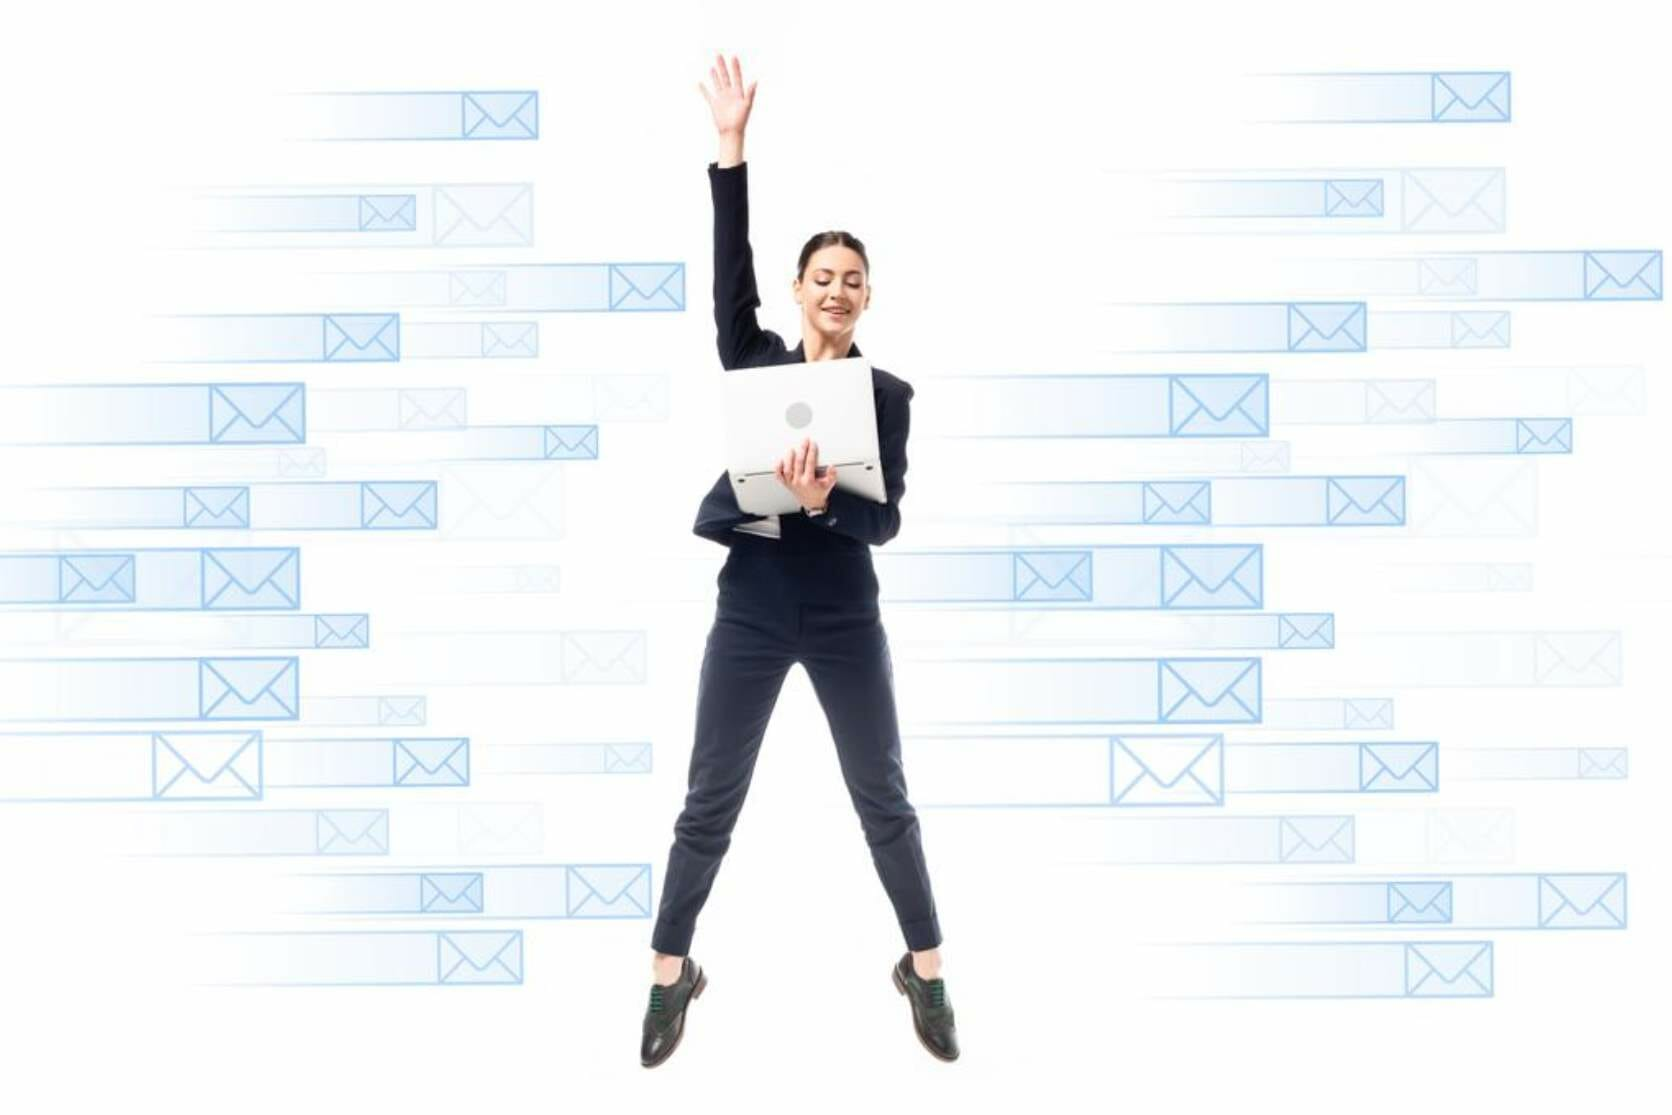 8 exemple pentru un model de email eficient si formal in afaceri